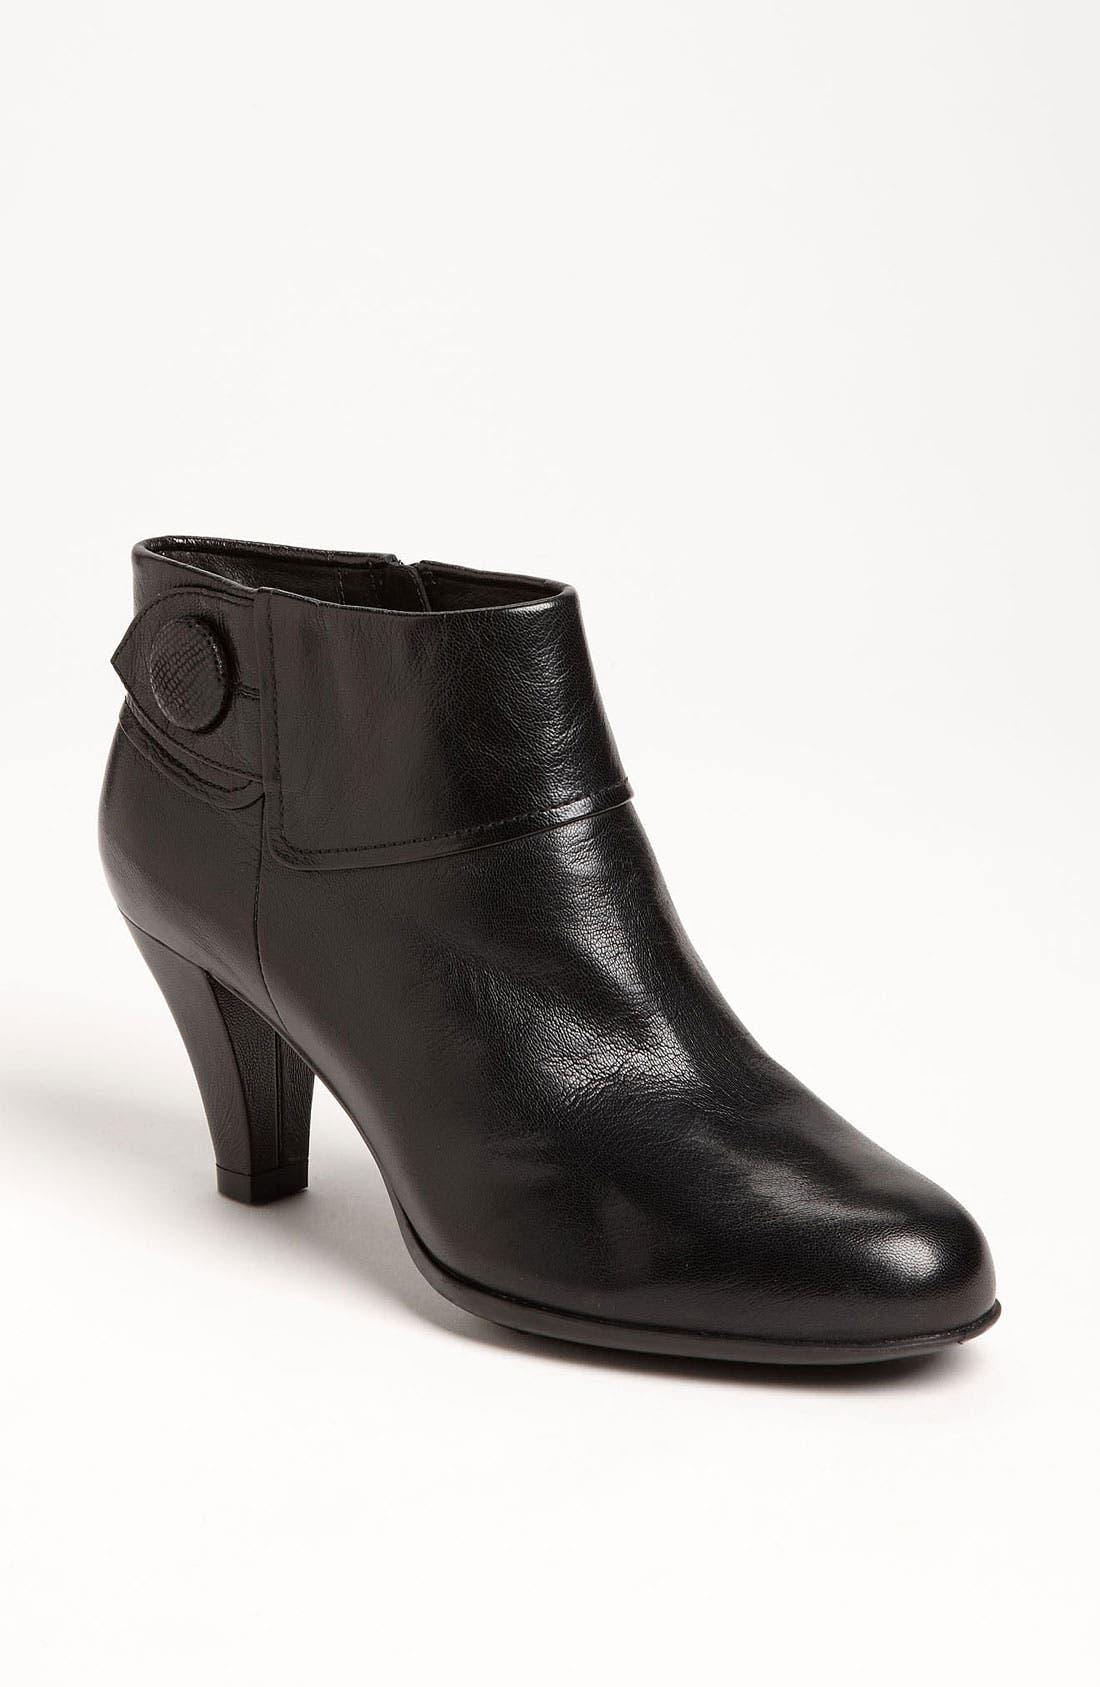 Main Image - Cobb Hill 'Tina' Boot